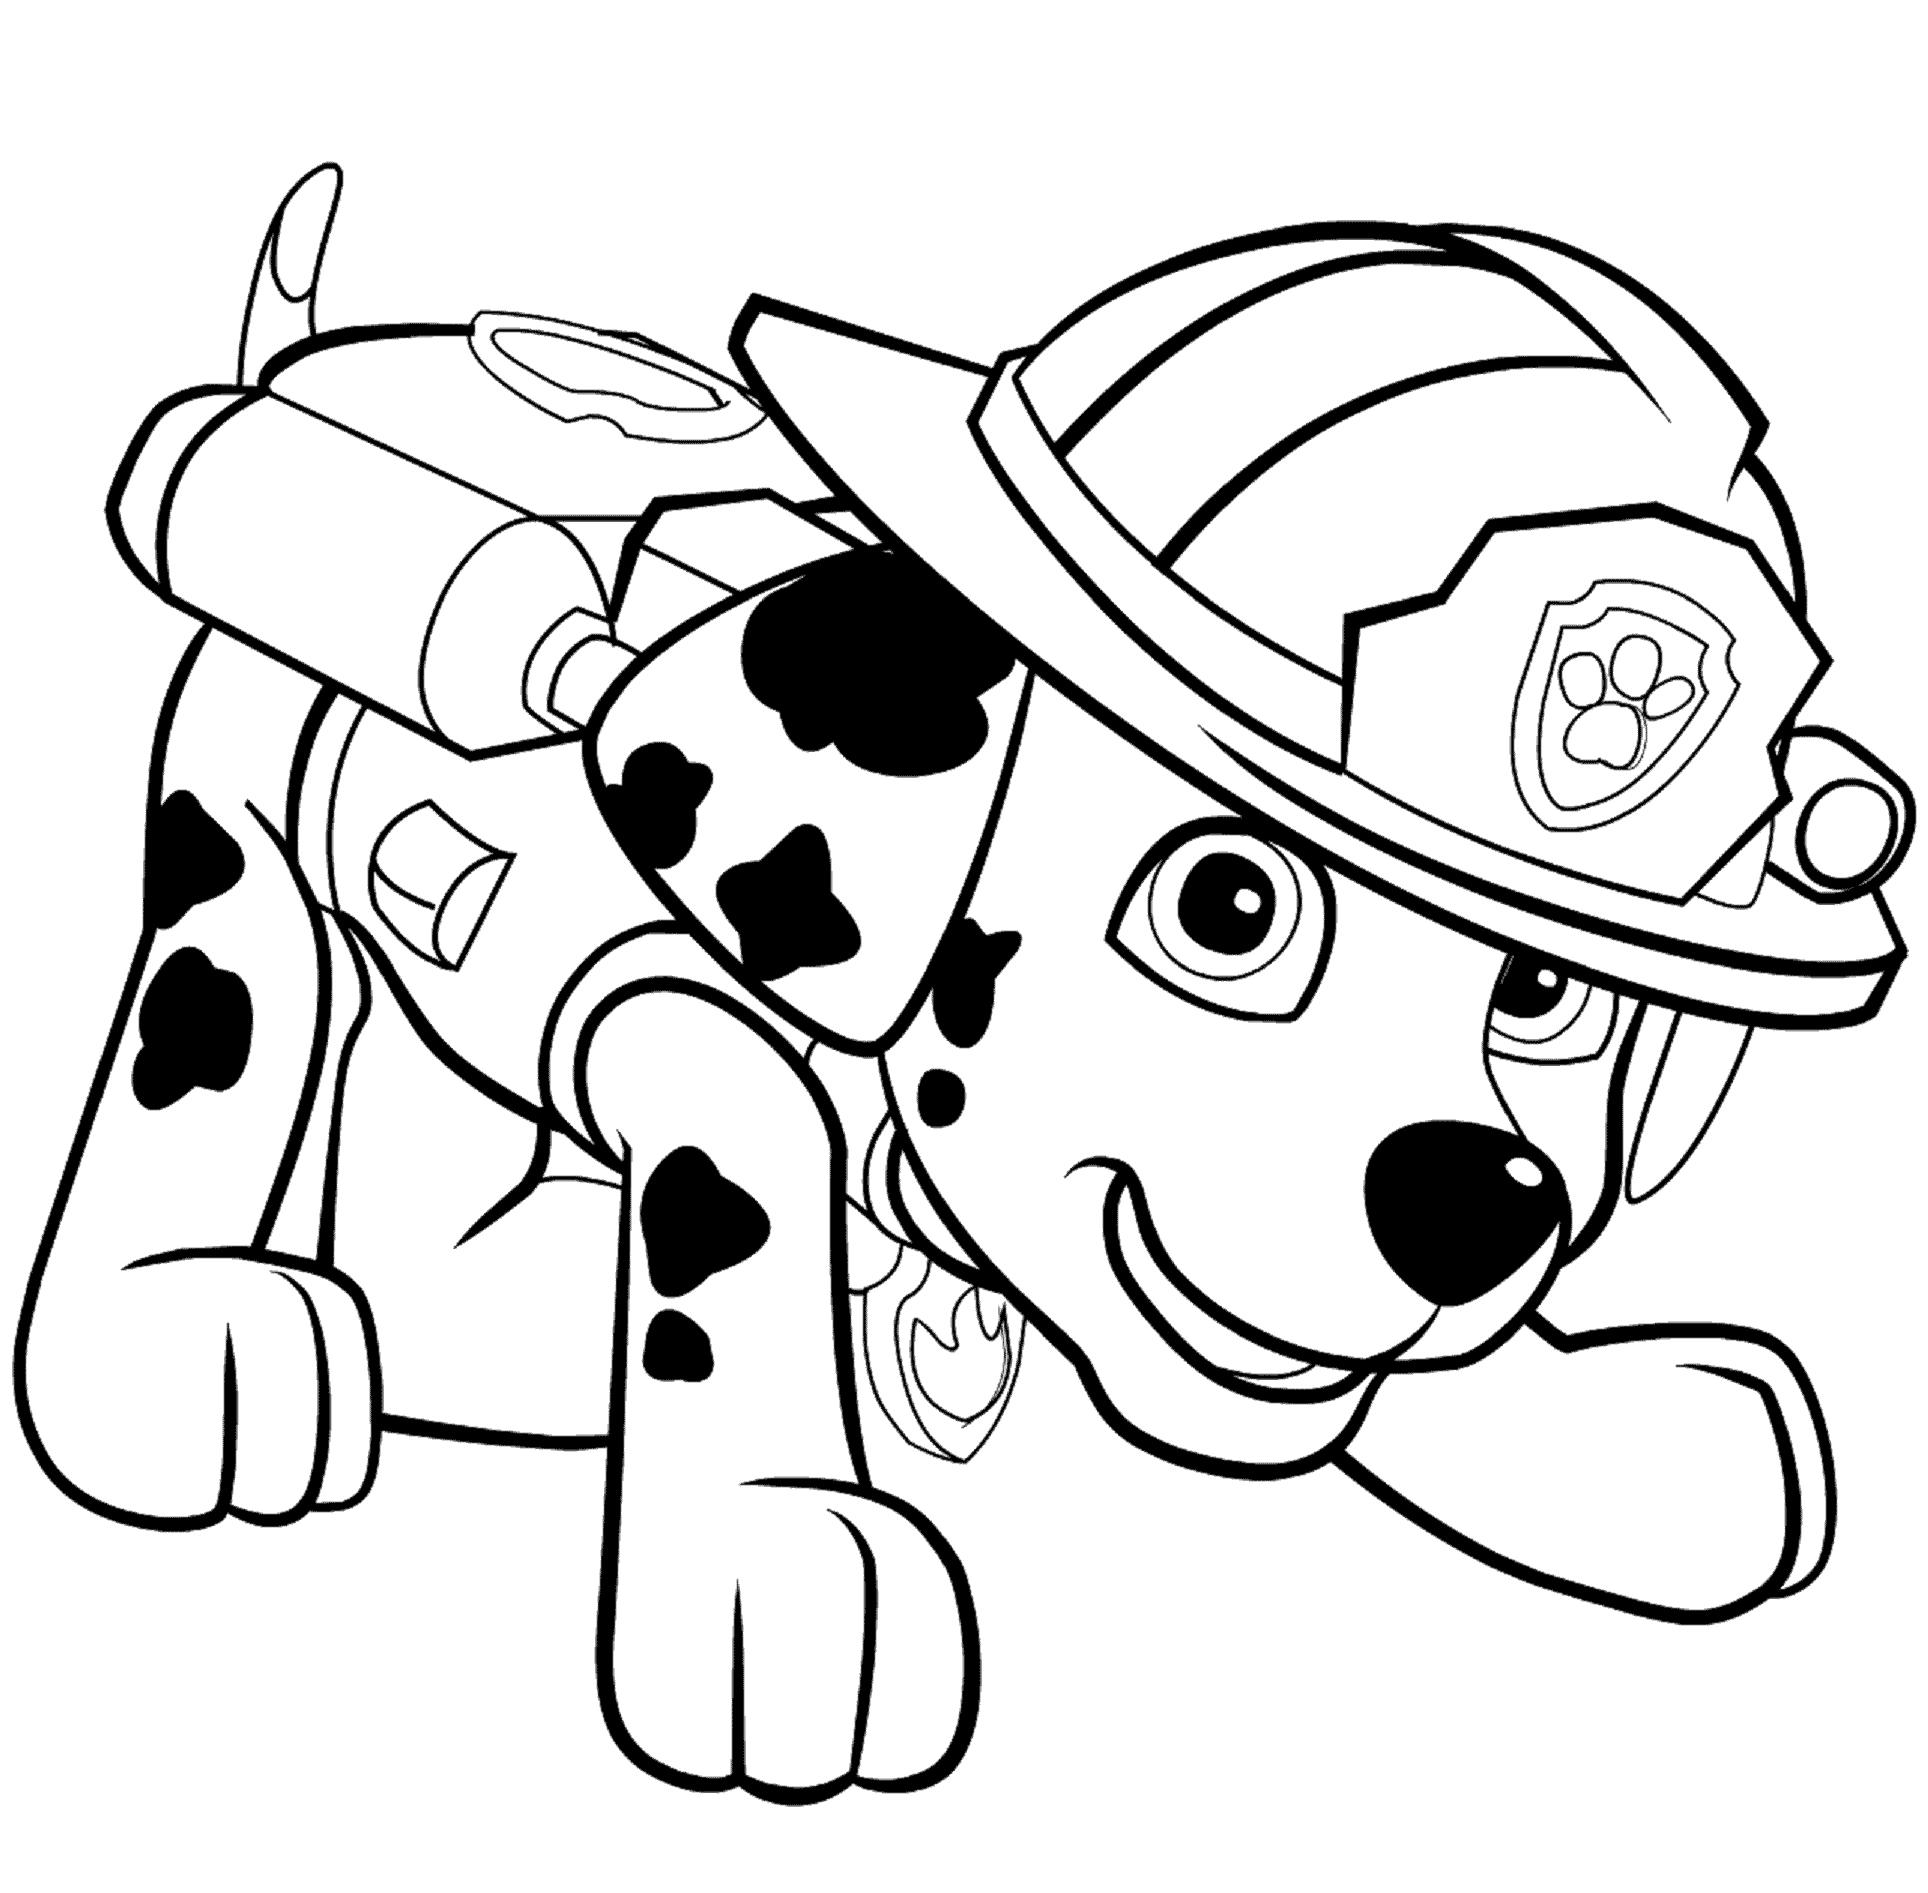 Dibujos de la patrulla canina para colorear paw patrol